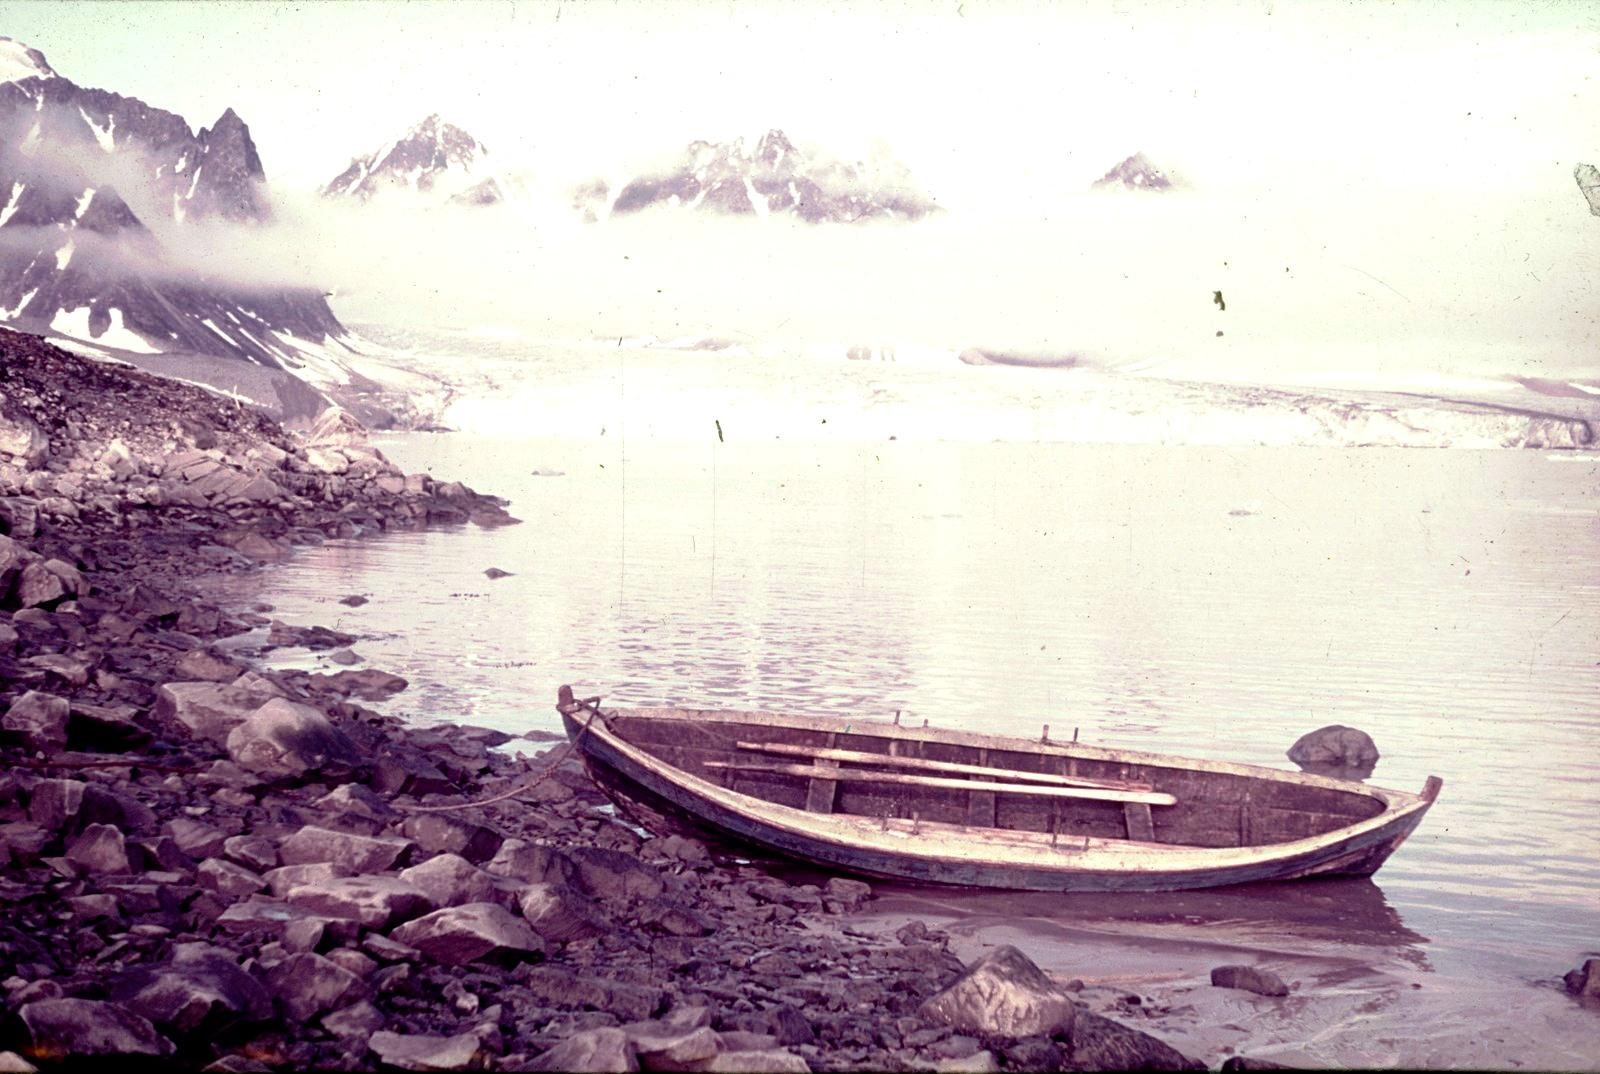 Шпицберген. Весельная лодка на берегу